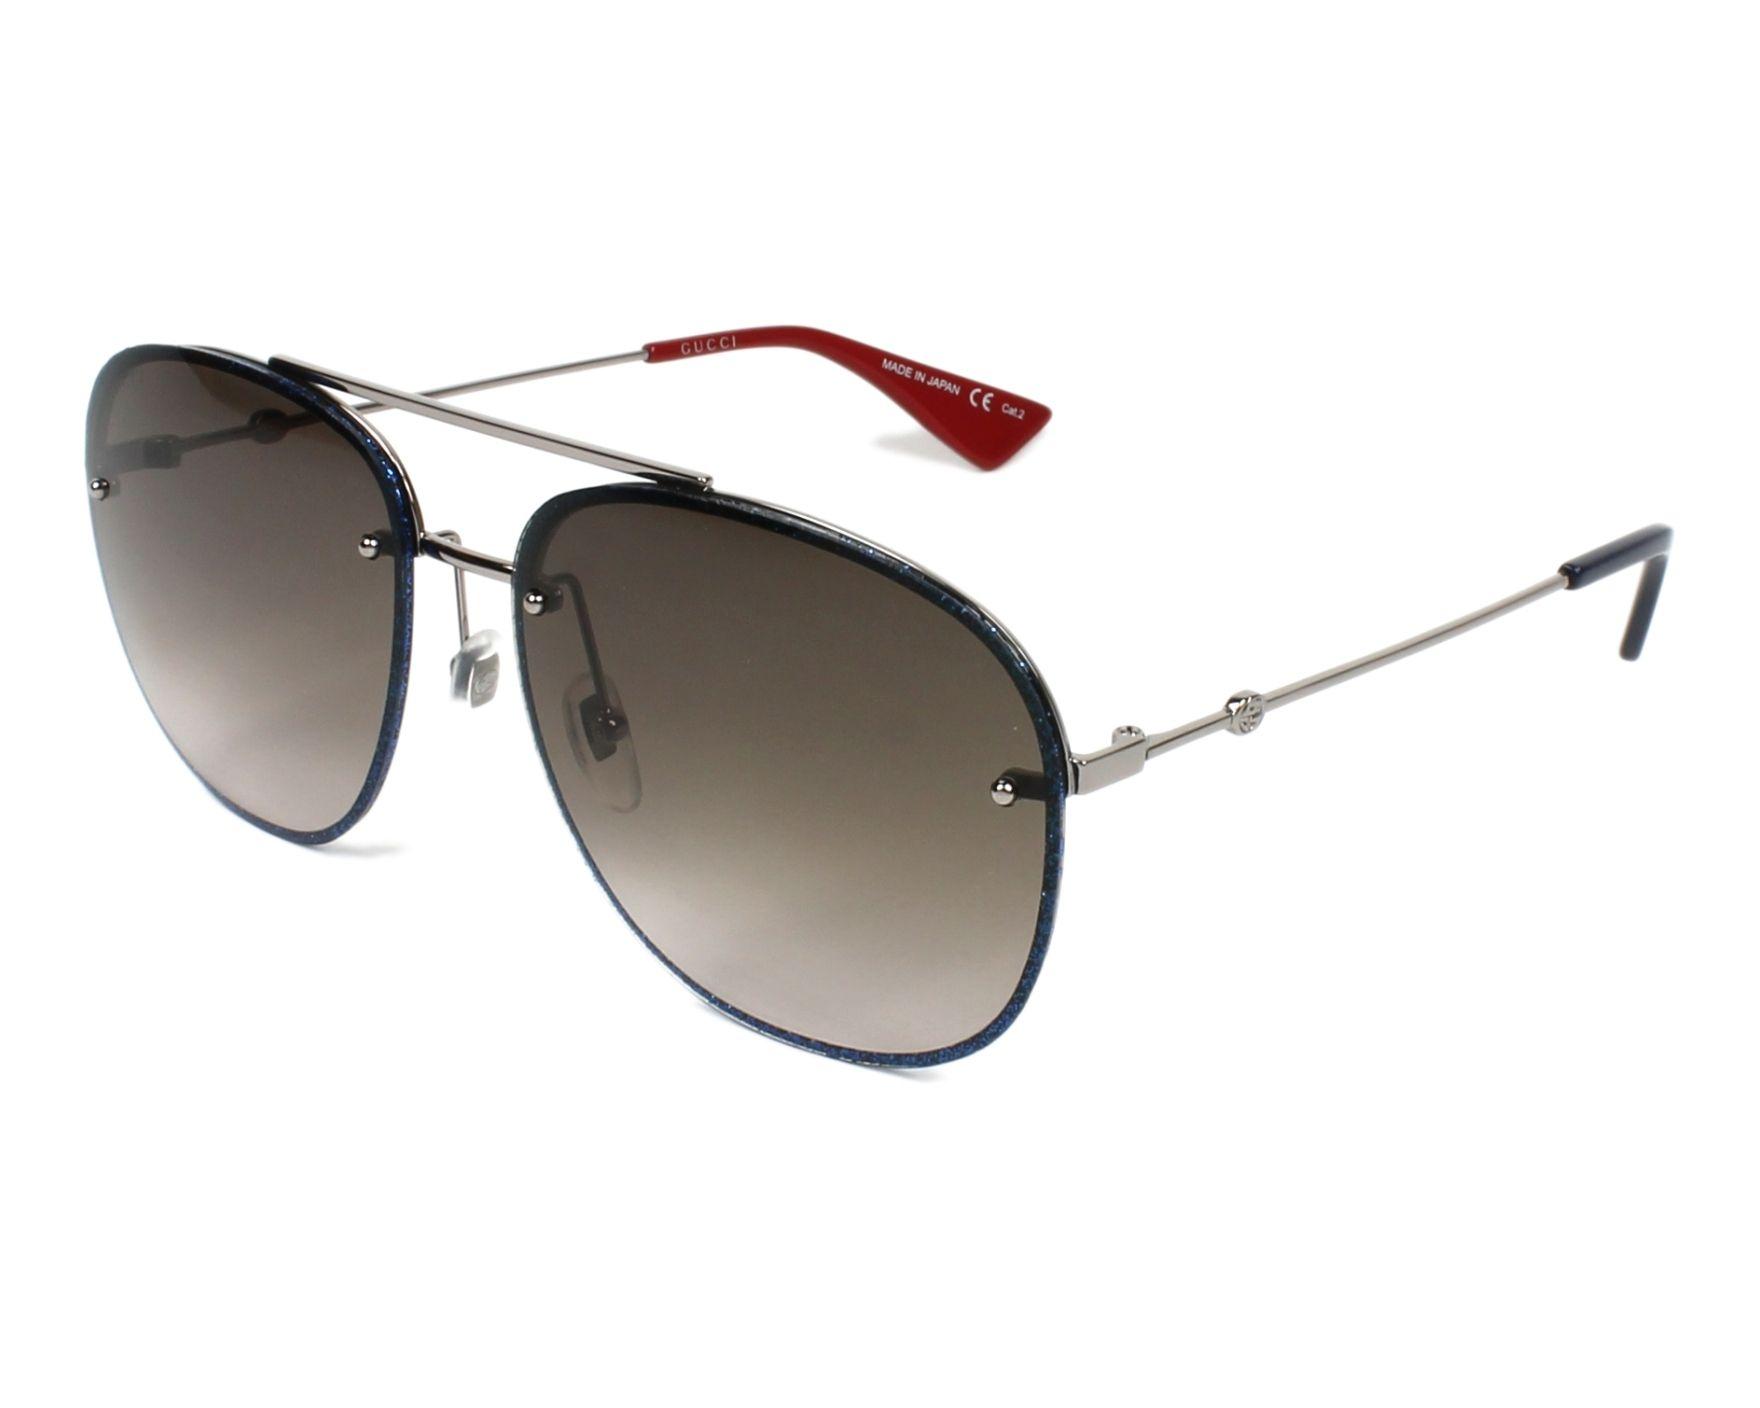 43dc9d09e7c Gafas de sol Gucci GG-0227-S 002 62-16 Azul Plata vista